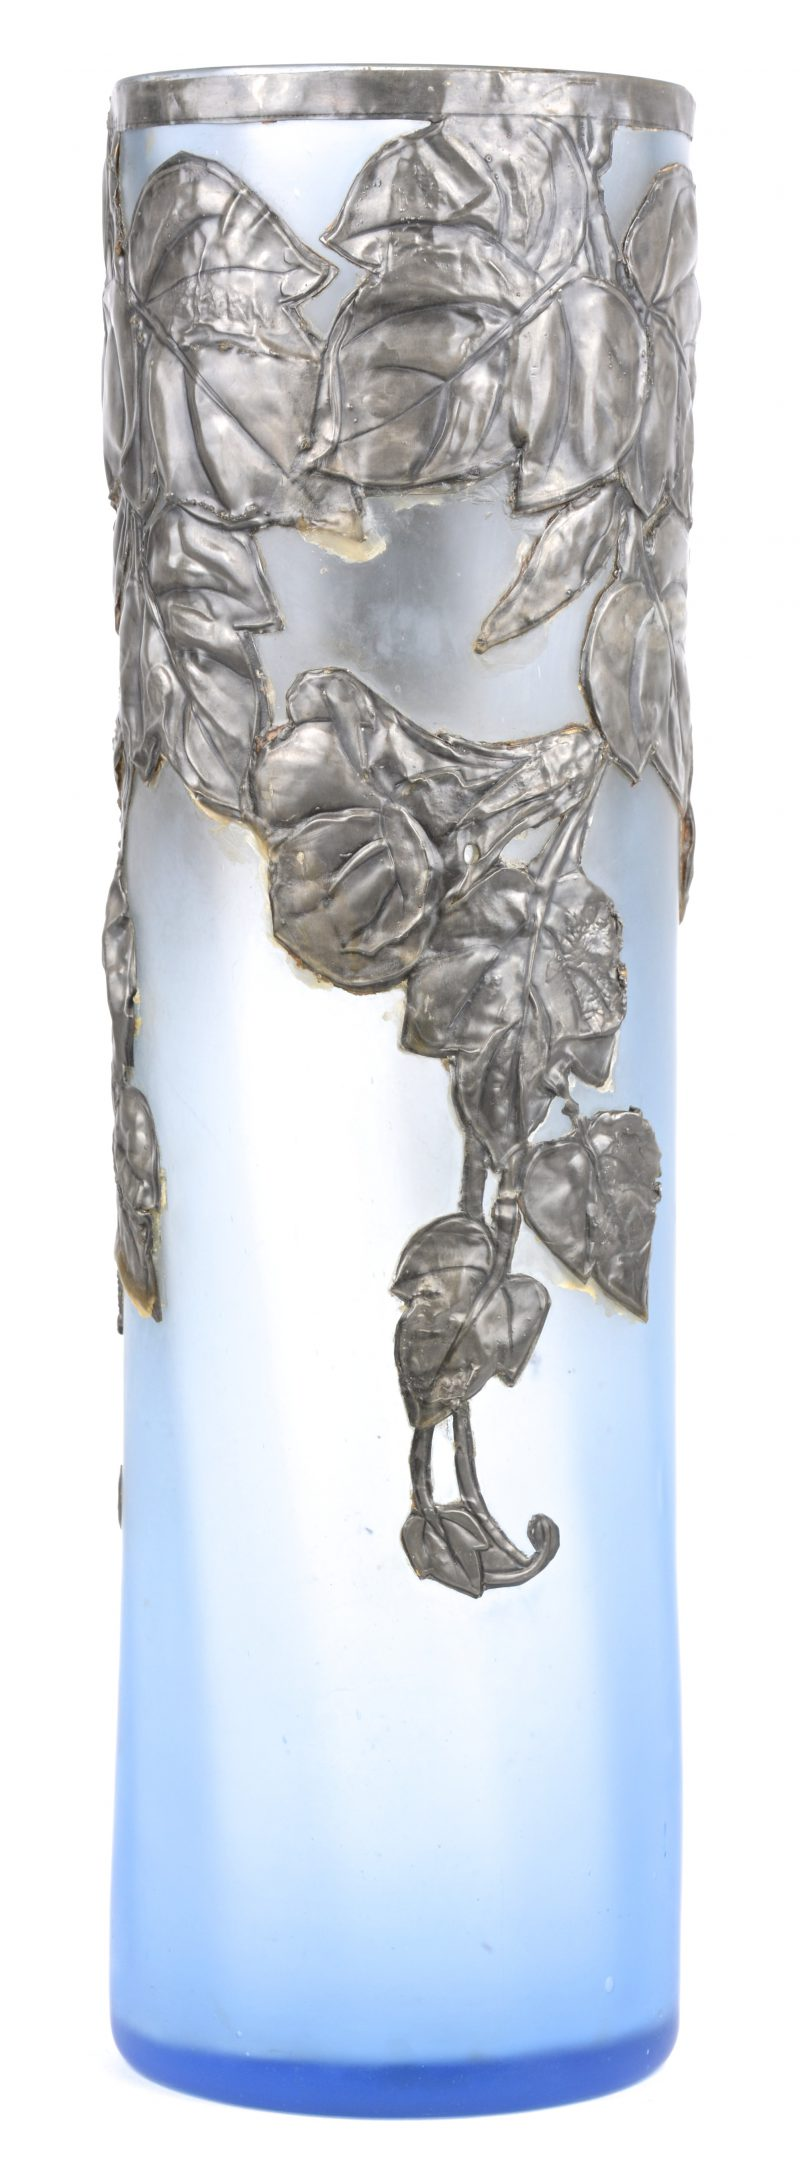 Een vaas van gesatineerd blauw glas met een tinnen bladerdecor. Begin XXe eeuw.